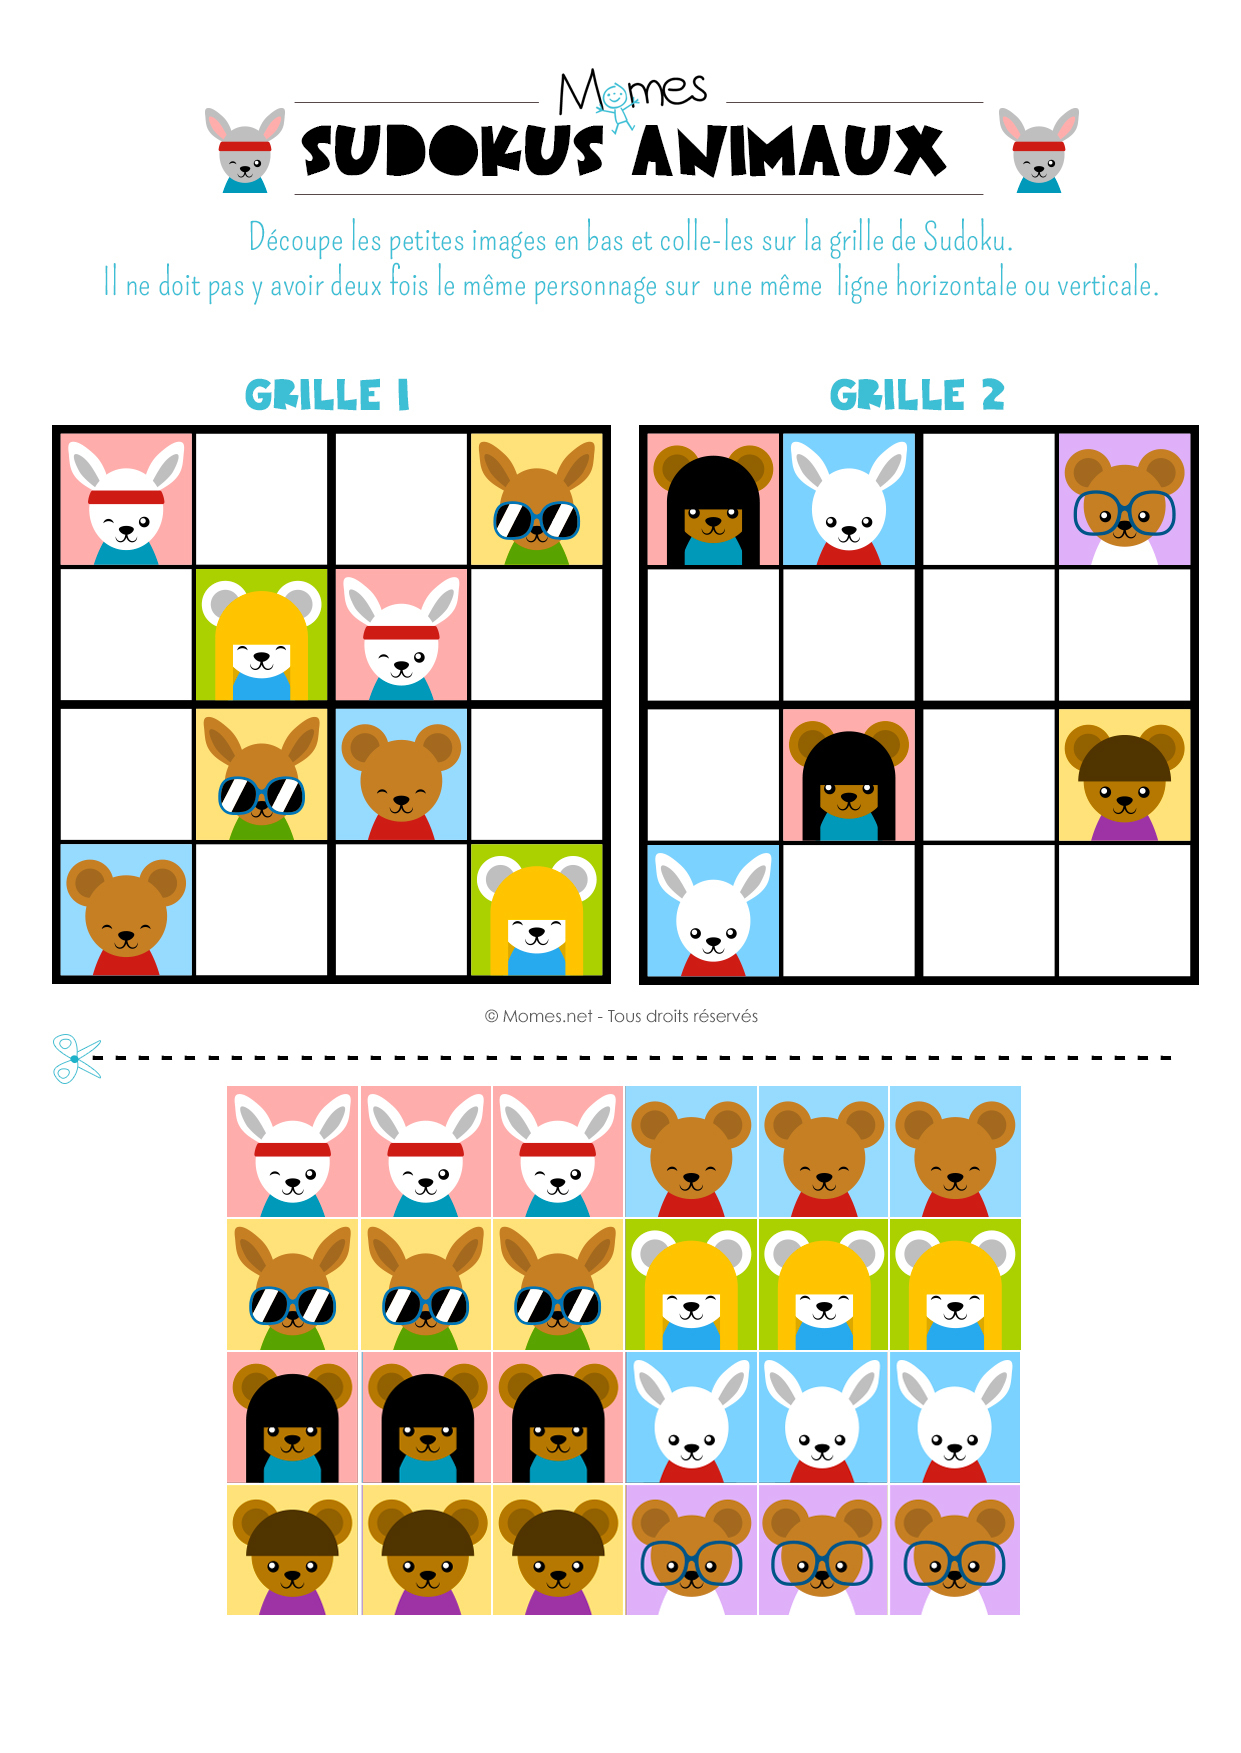 Sudoku Animaux - Momes pour Jeux Enfant De 5 Ans